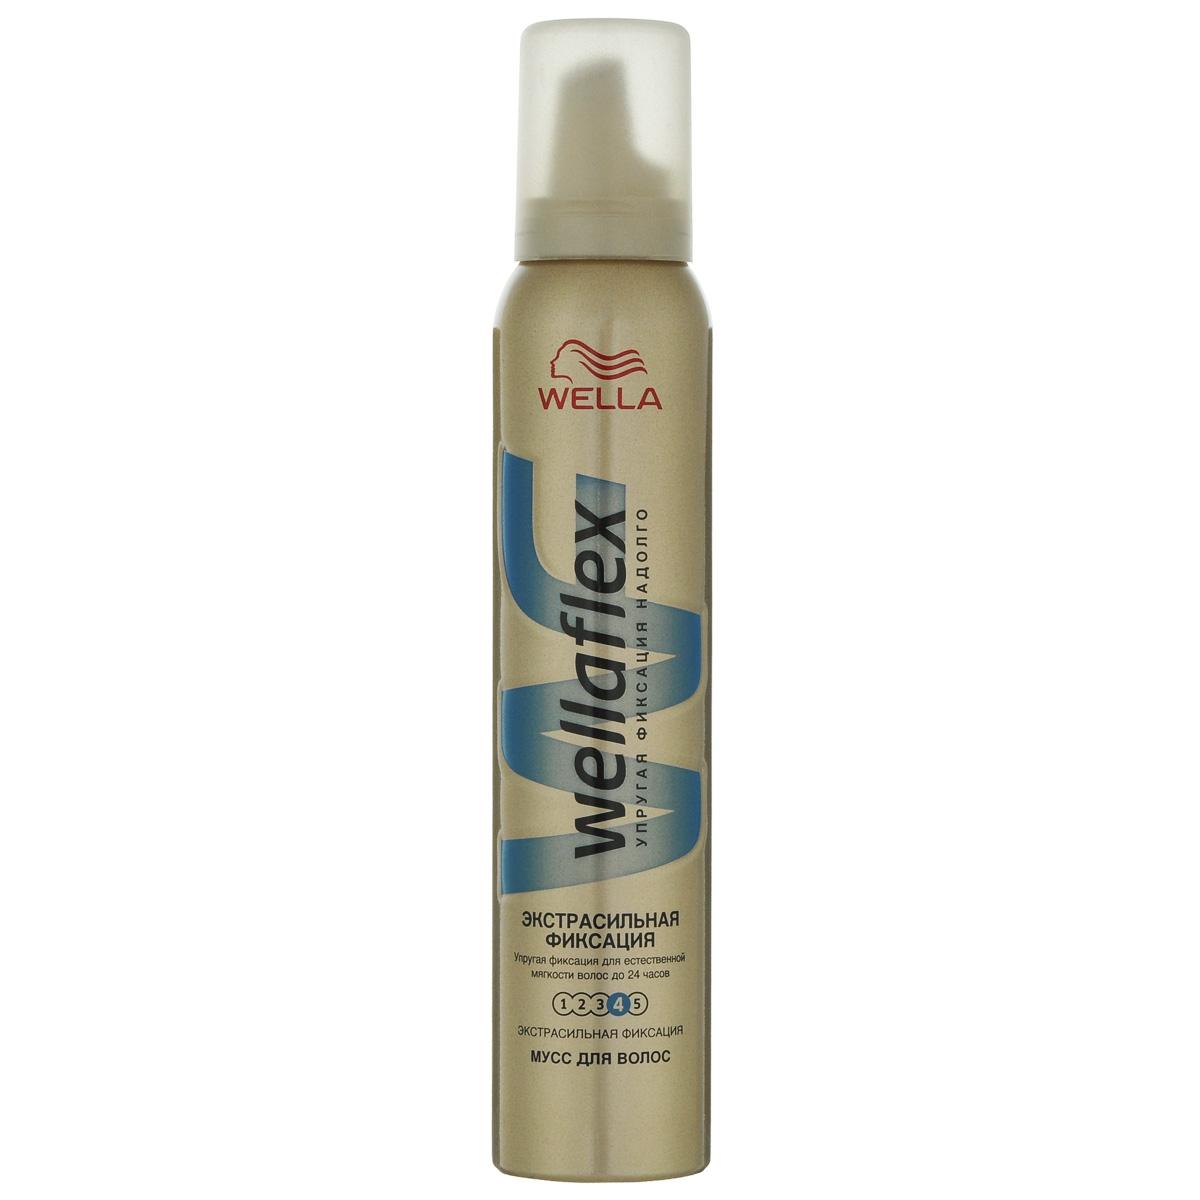 Wellaflex Мусс для укладки волос Экстрасильная фиксация до 24 часов, 200 млMP59.4DМусс для укладки волос Wellaflex Объем до 2-х дней экстрасильной фиксации обеспечивает упругую фиксацию и заметный объем прически. Формула Запас объема и гибкости образует на волосах структуру, которая, пружиня, помогает поддерживать длительный объем. Мусс сохраняет эластичность волос и защищает их от УФ-лучей. Не склеивает волосы. Характеристики:Объем: 200 мл. Товар сертифицирован. Уважаемые клиенты!Обращаем ваше внимание на измененный дизайн упаковки. Поставка осуществляется в зависимости от наличия на складе.